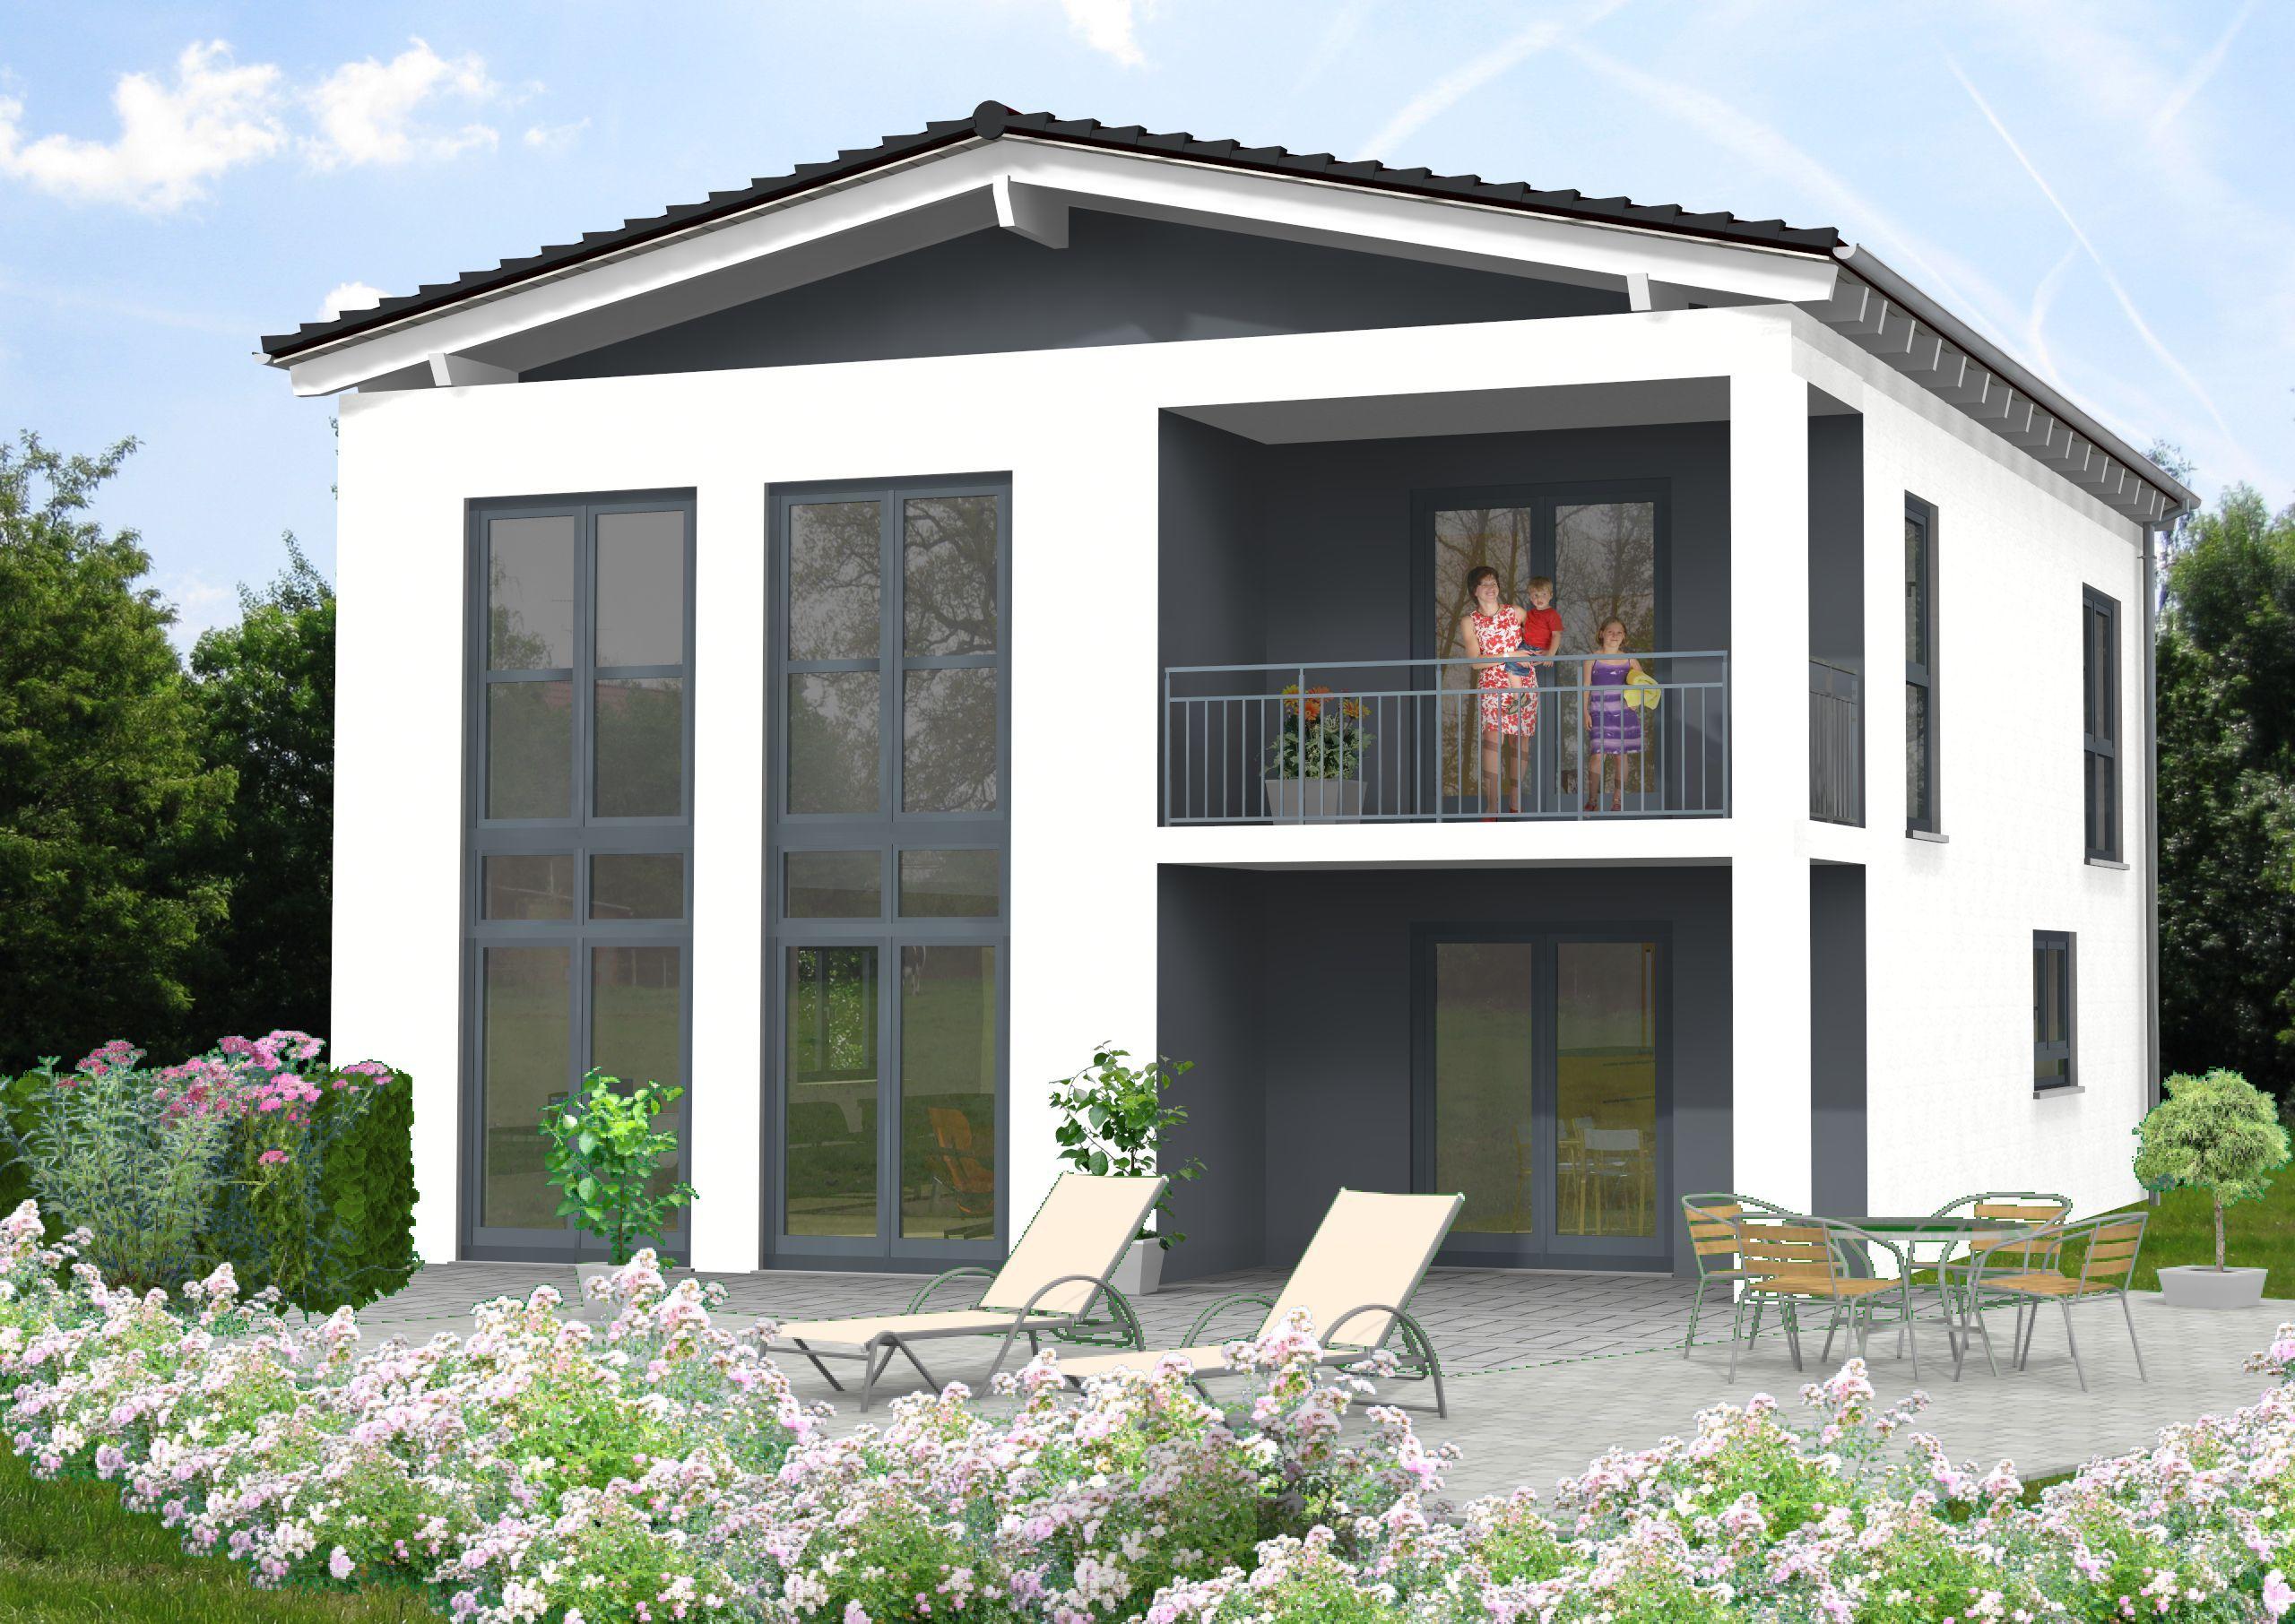 Moderne doppelhäuser satteldach  modernes haus satteldach - Google-Suche | häuser | Pinterest ...